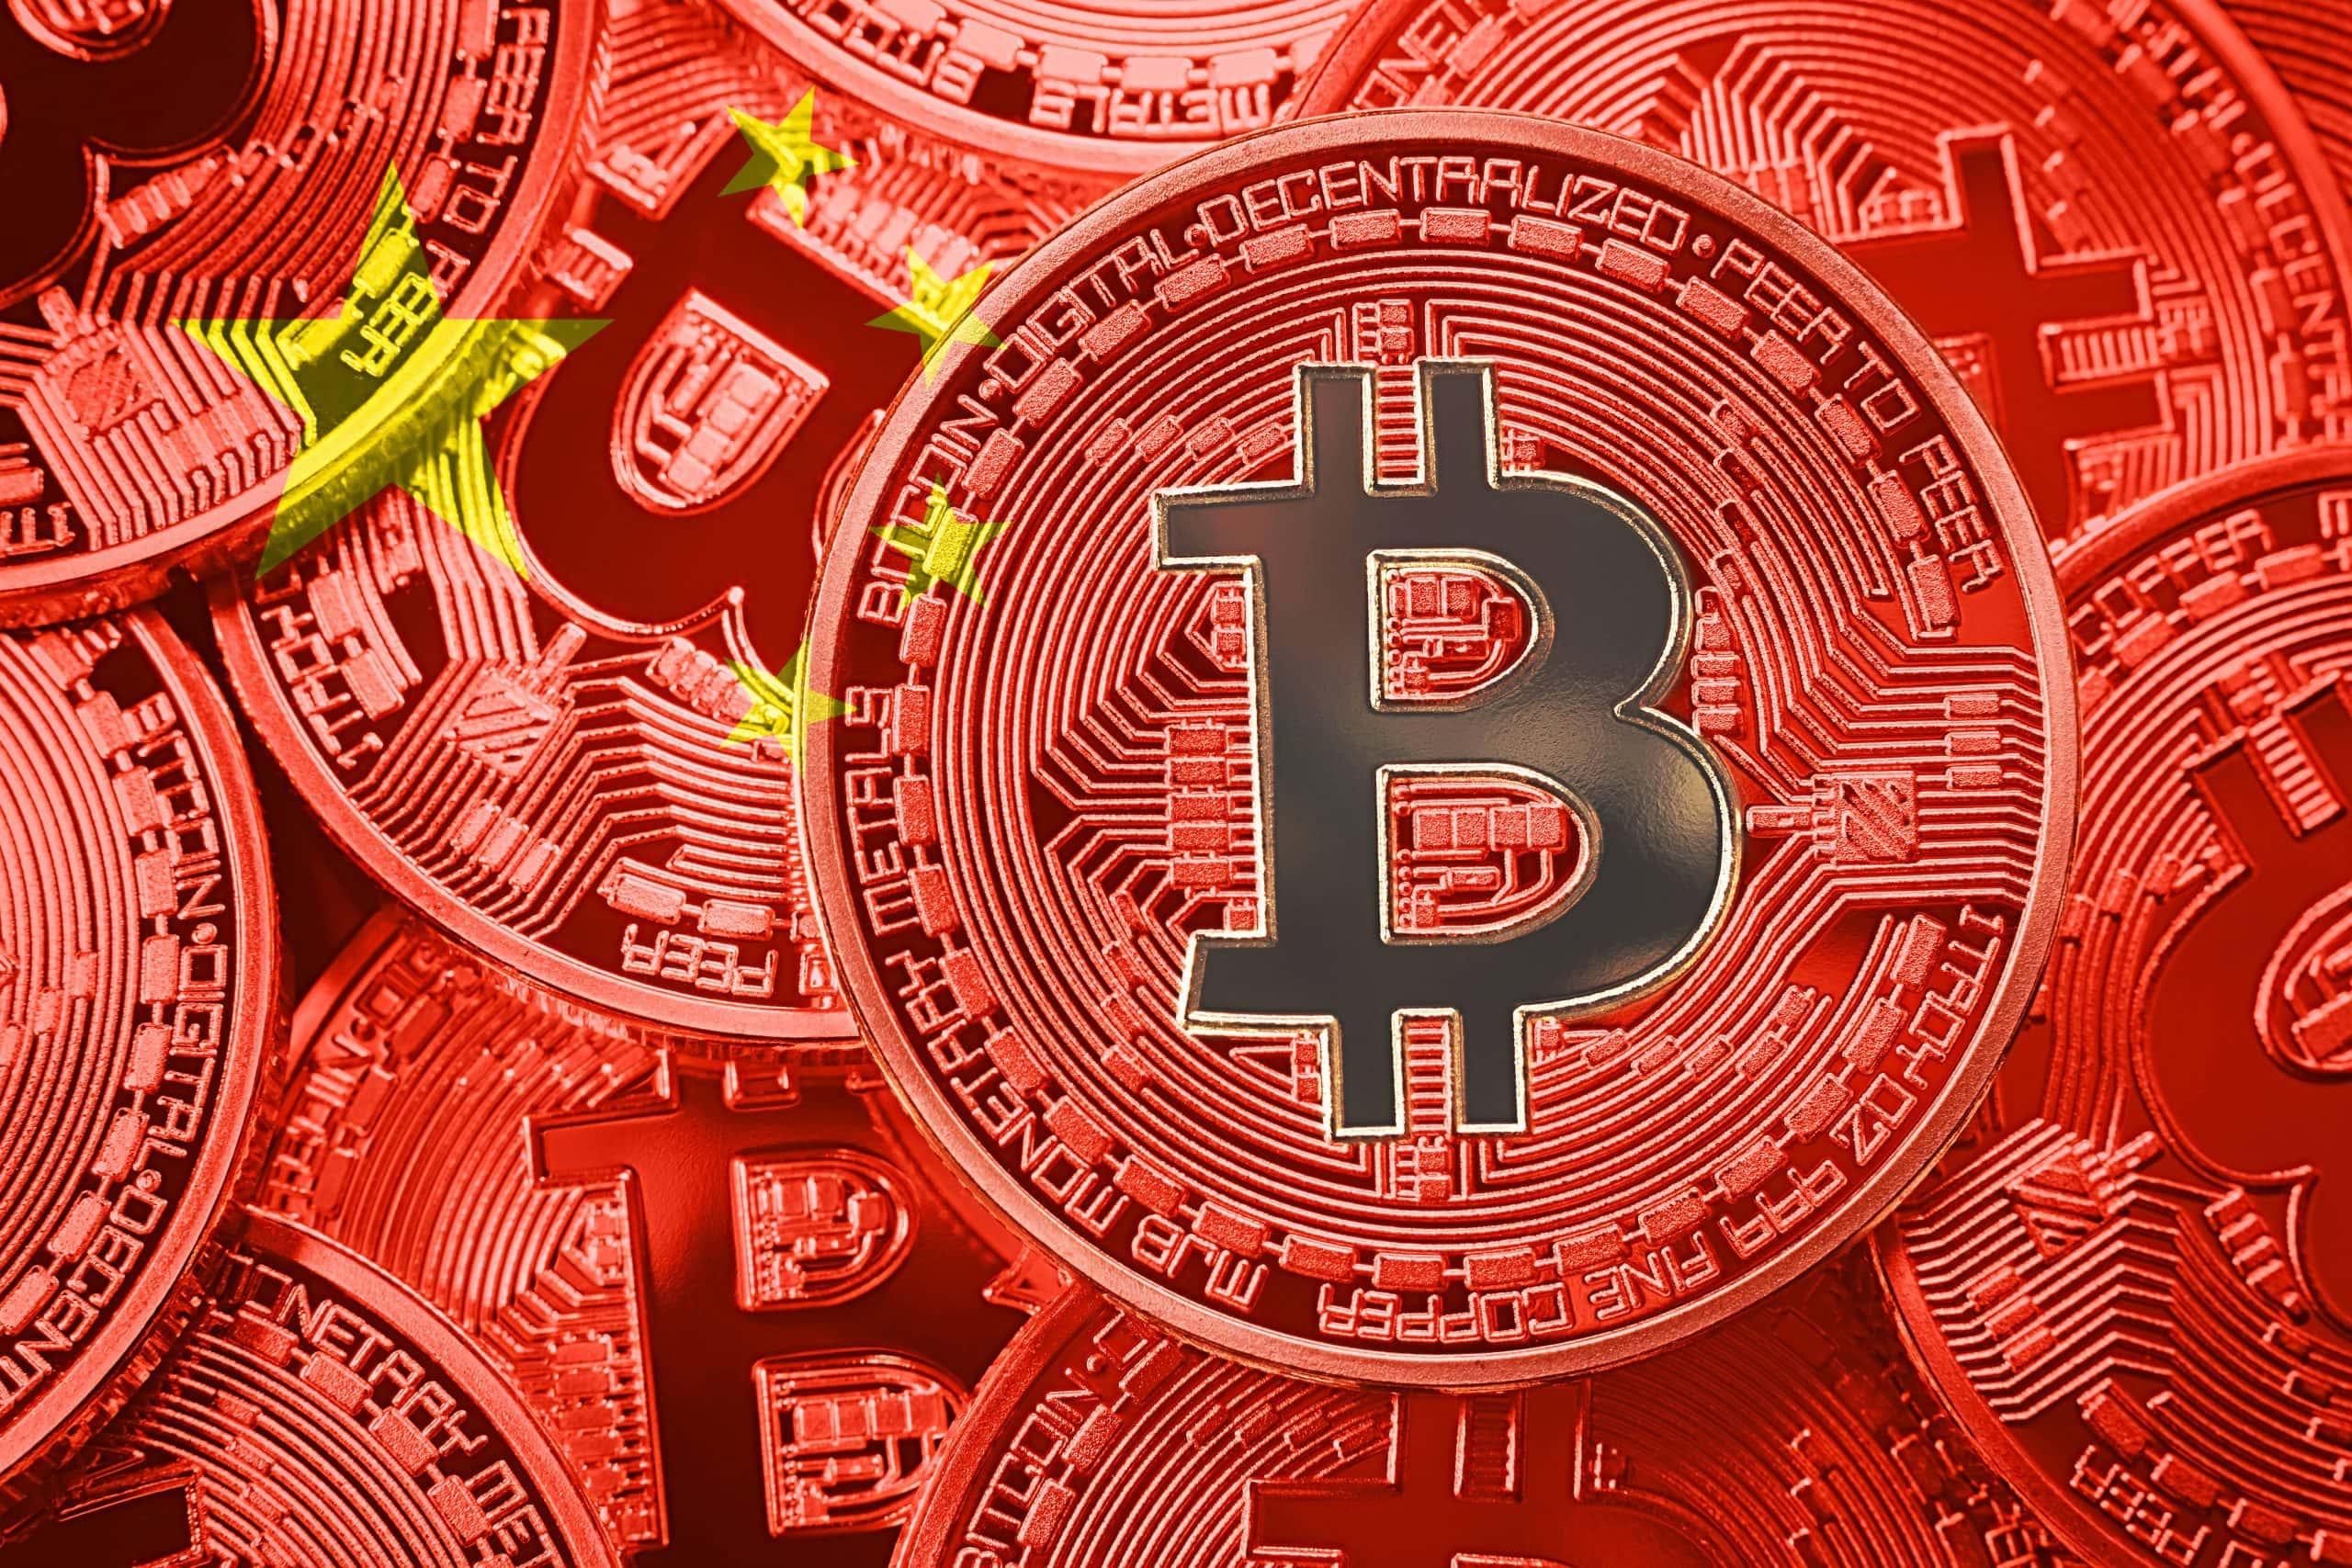 Chinesische Zentralbank verbietet Bitcoin-Transaktionen